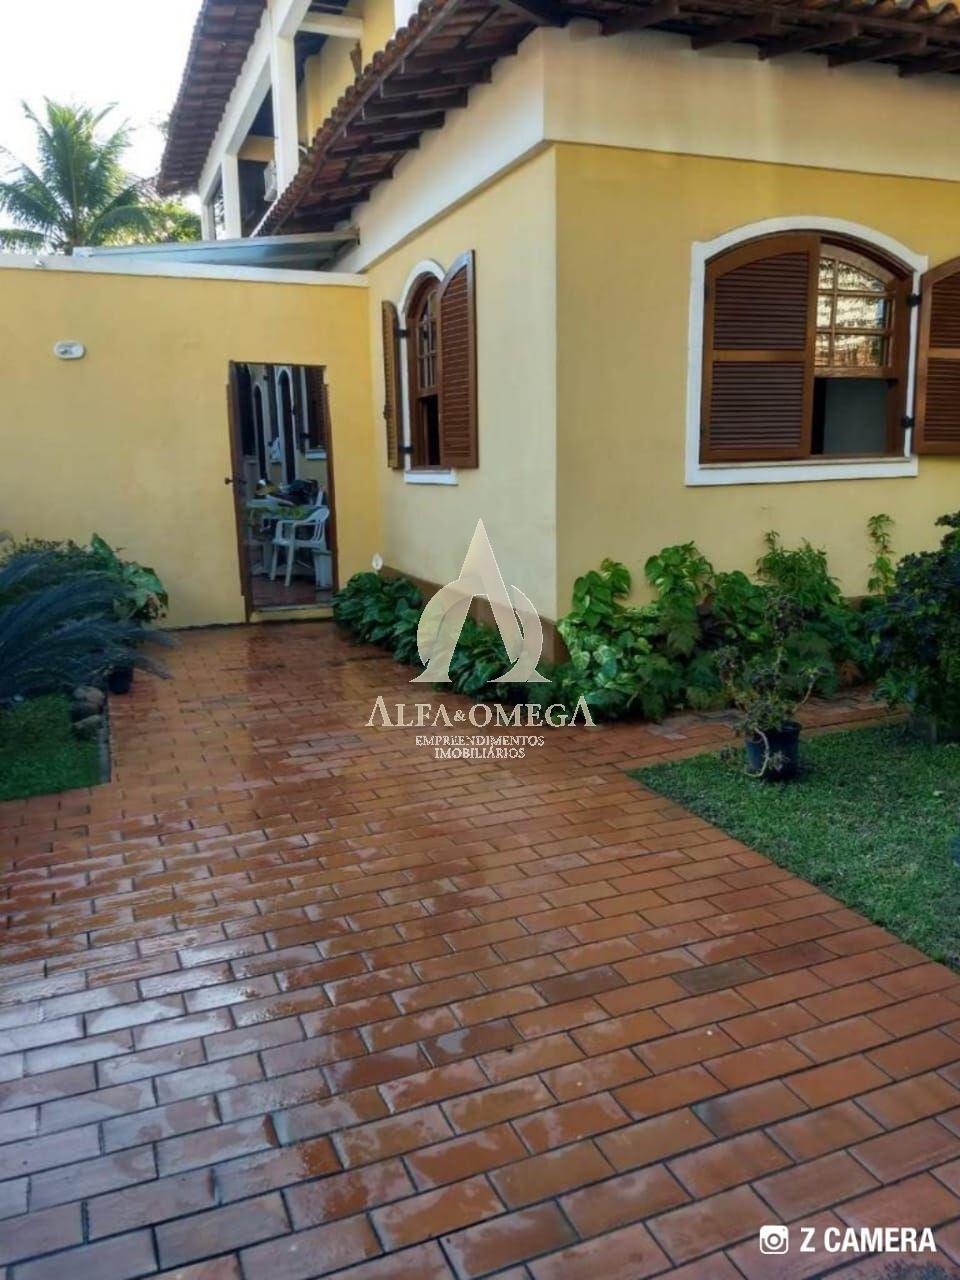 FOTO 14 - Casa em Condomínio 4 quartos à venda Barra da Tijuca, Rio de Janeiro - R$ 3.599.000 - AO60122 - 15